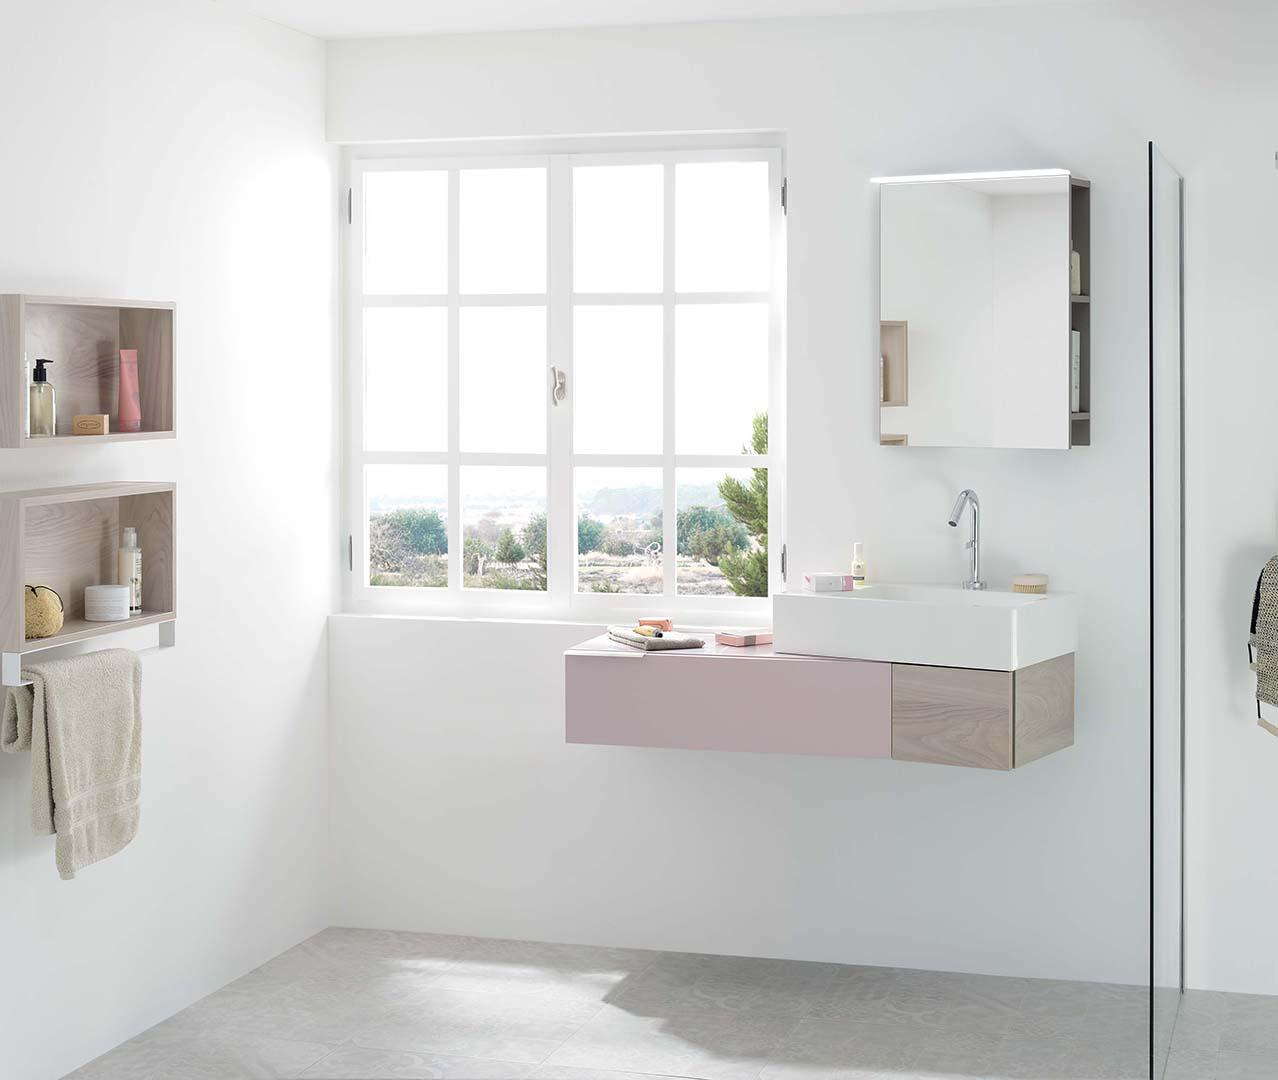 Affiche Salle De Bain ~ gamme vertigo salle de bain design meuble sdb sanijura